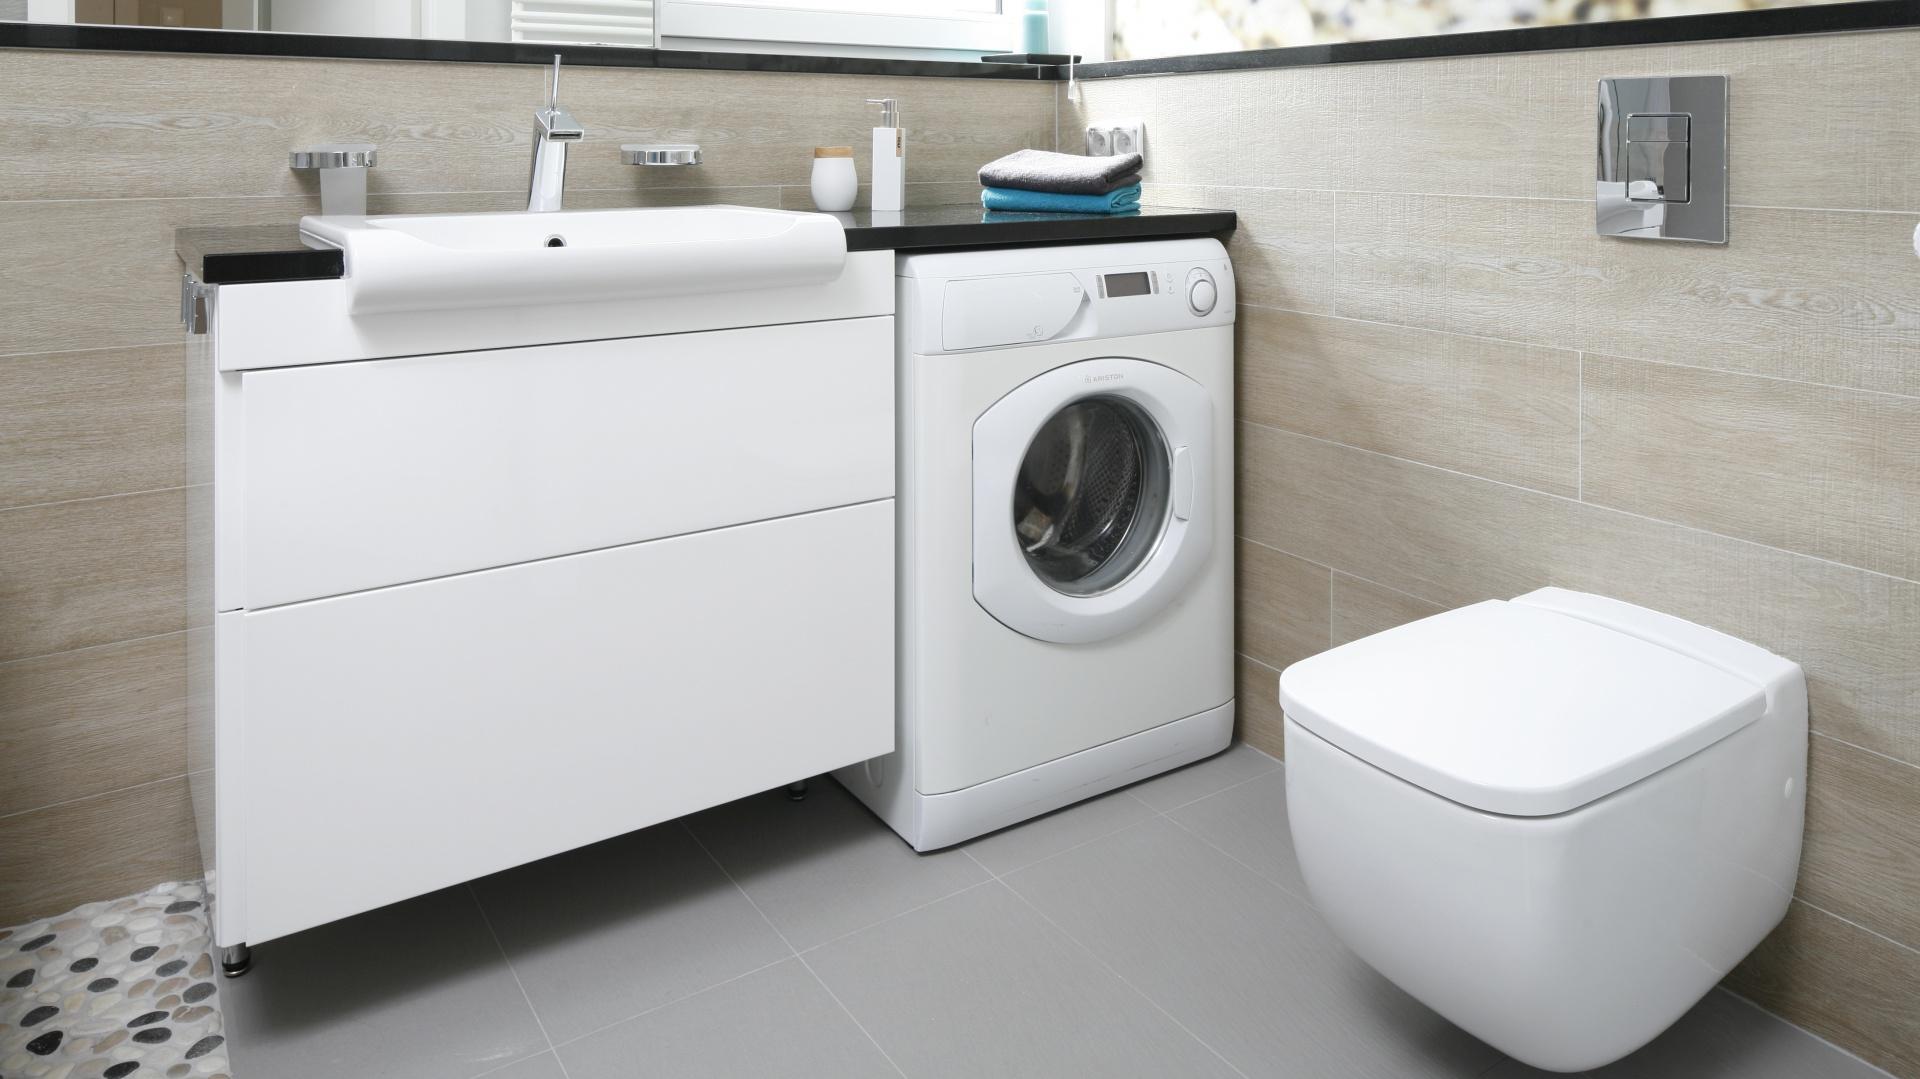 Mała łazienka z pralką typu...  Mała łazienka z pralką. Pomysły na modną zabudowę  Strona: 4